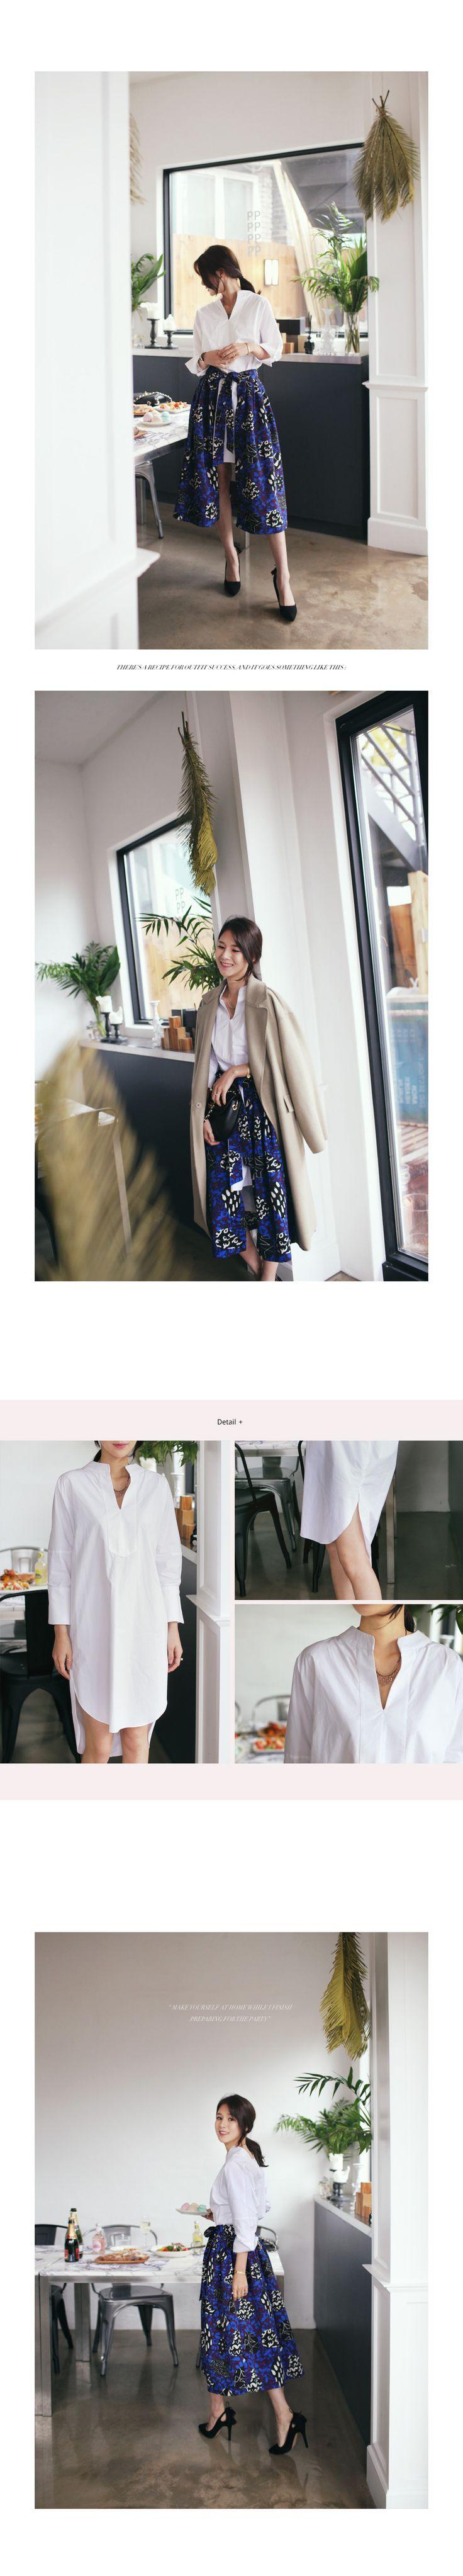 アンバランスネックスリットロングシャツ・全2色シャツ・ブラウスシャツ レディースファッション通販 DHOLICディーホリック [ファストファッション 水着 ワンピース]